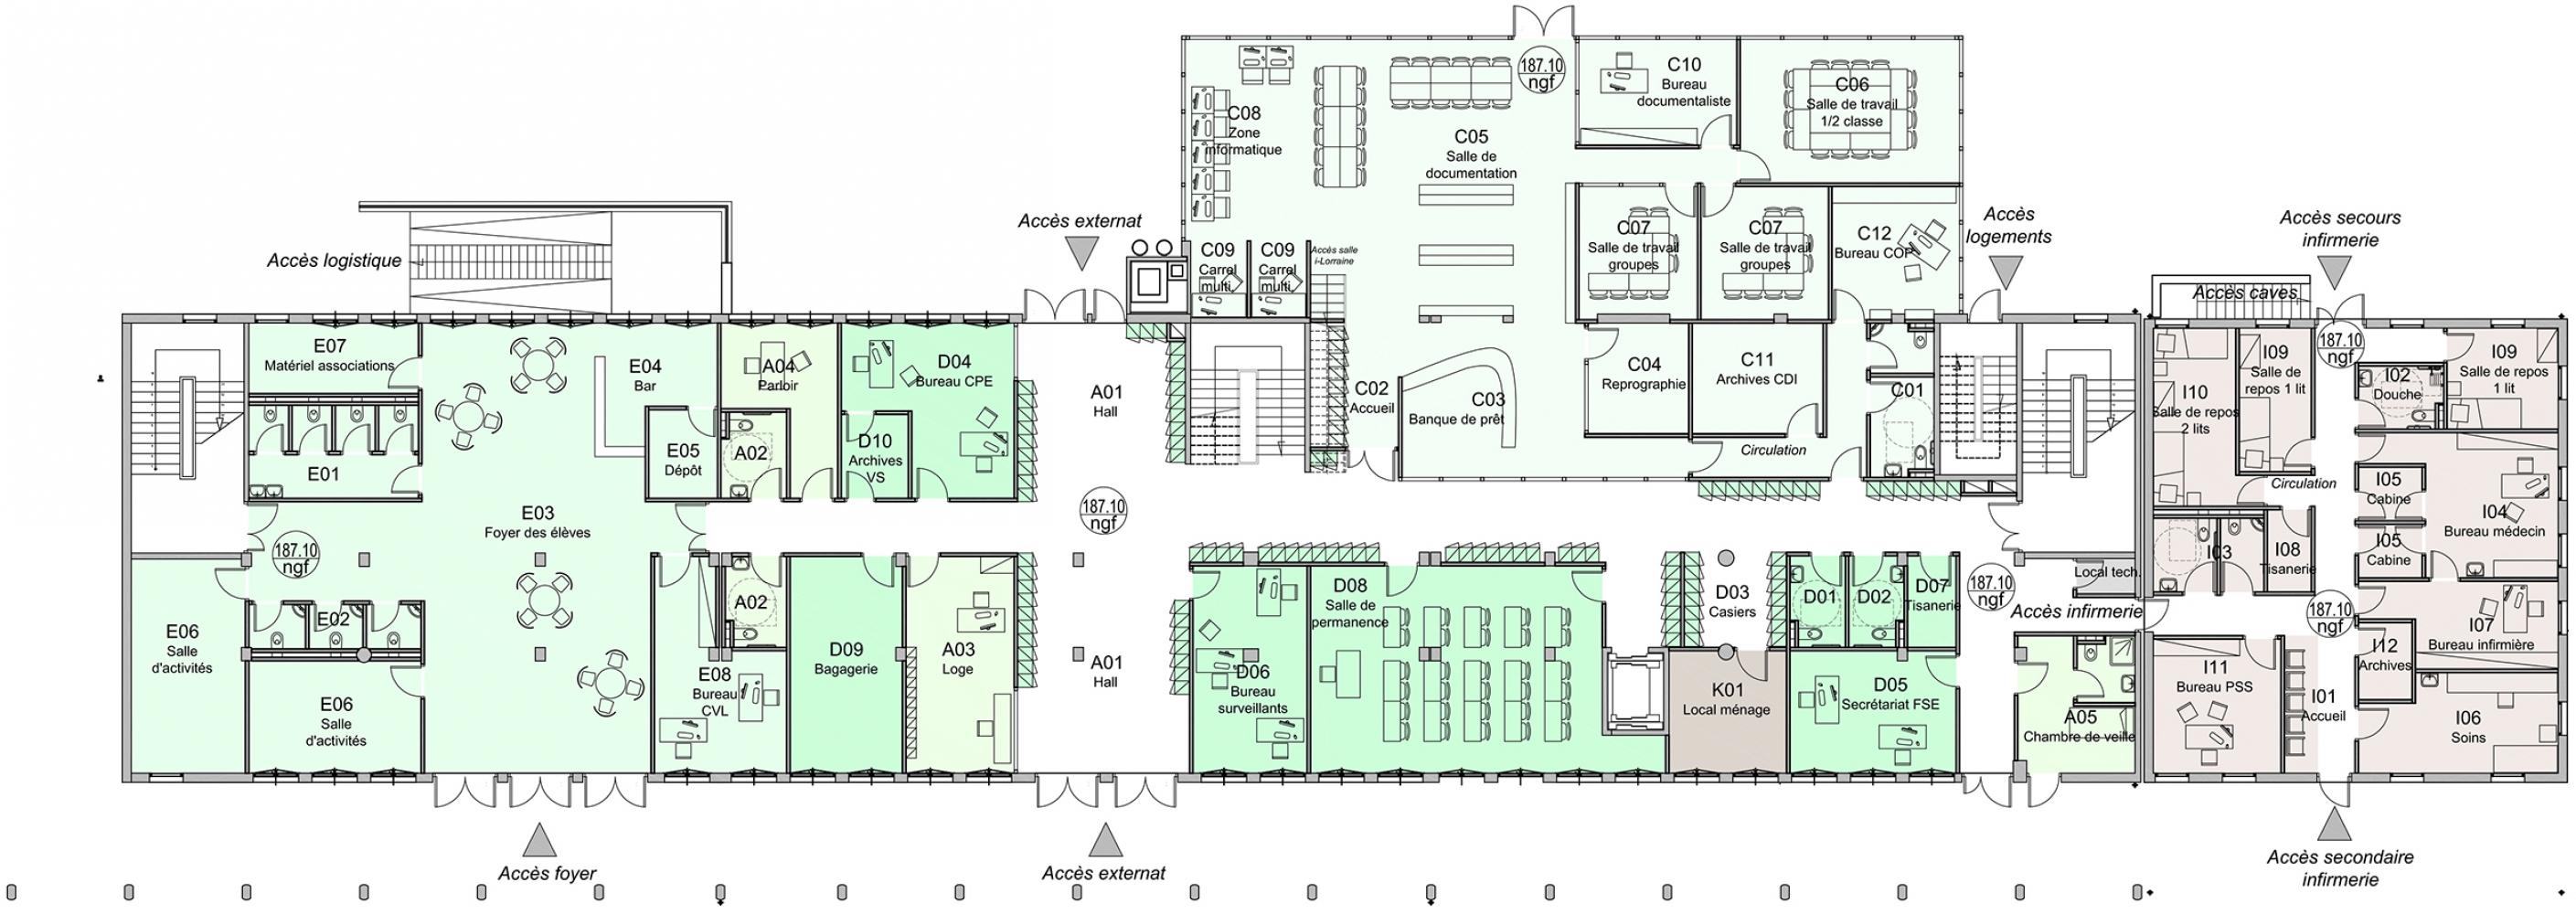 01-montigny-img-006 Pascale SEURIN Architecte - Enseignement